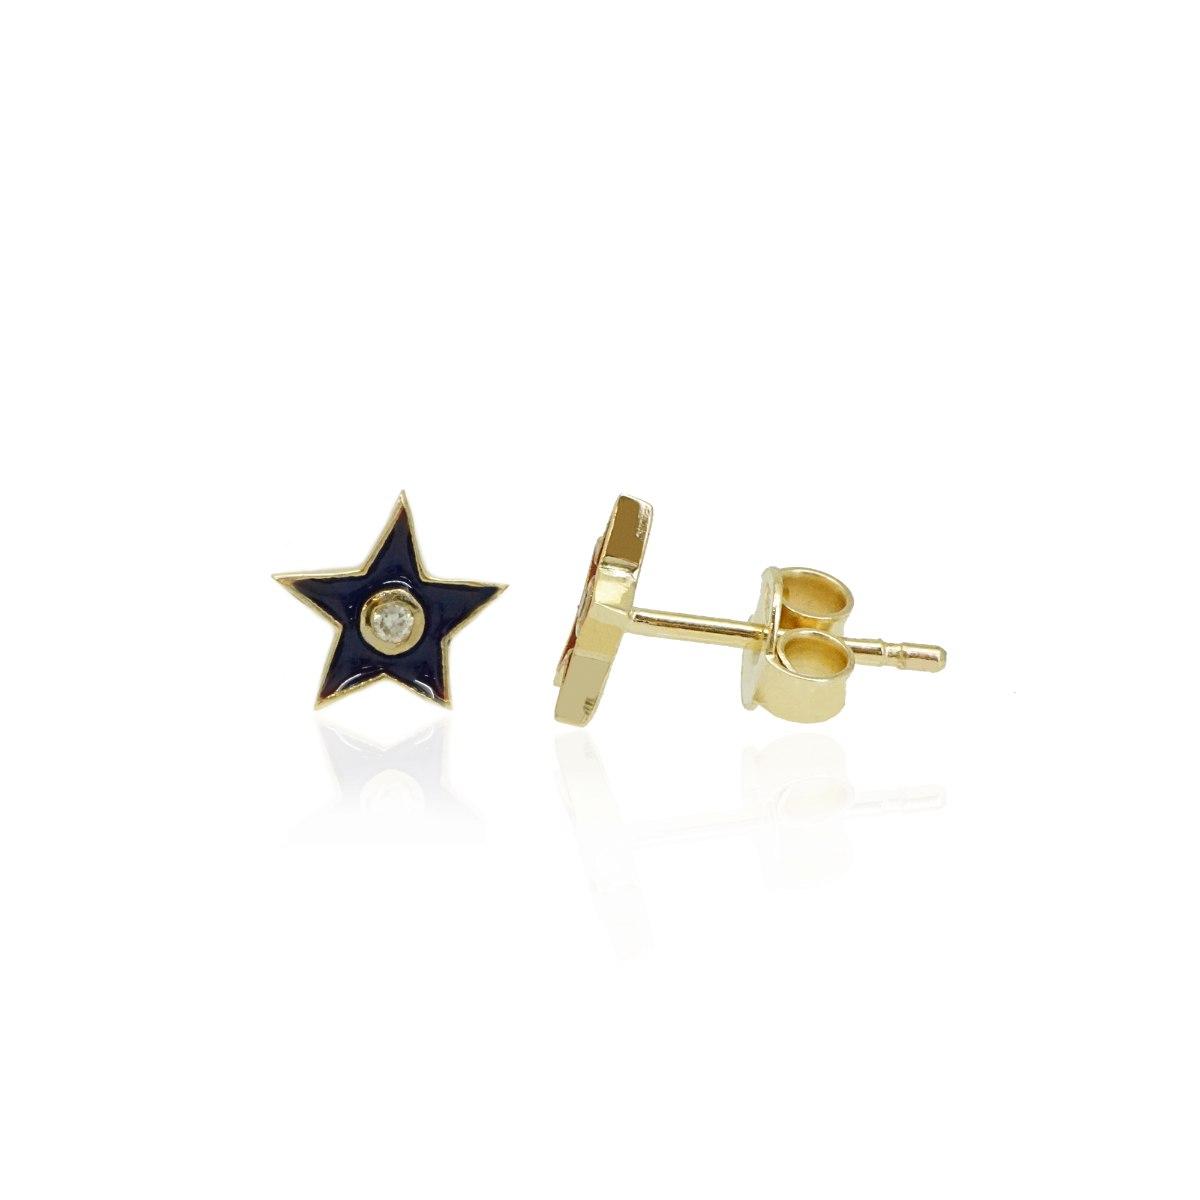 עגילי כוכב זהב משובצים יהלומים ואמייל